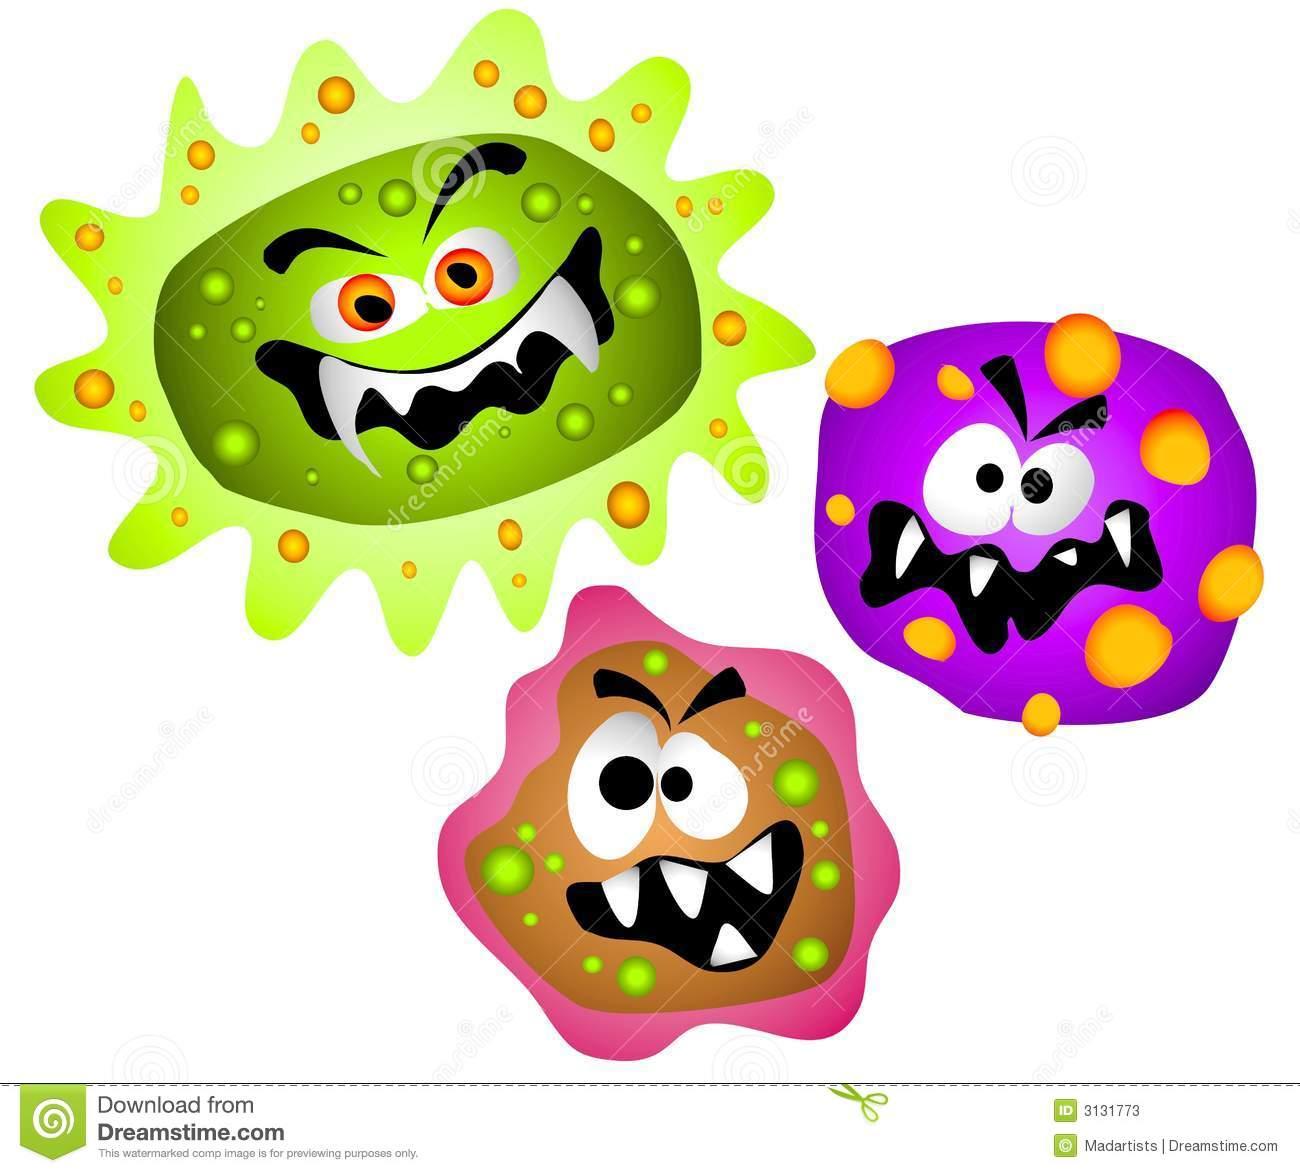 Bacteria Clipart & Bacteria Clip Art Images.